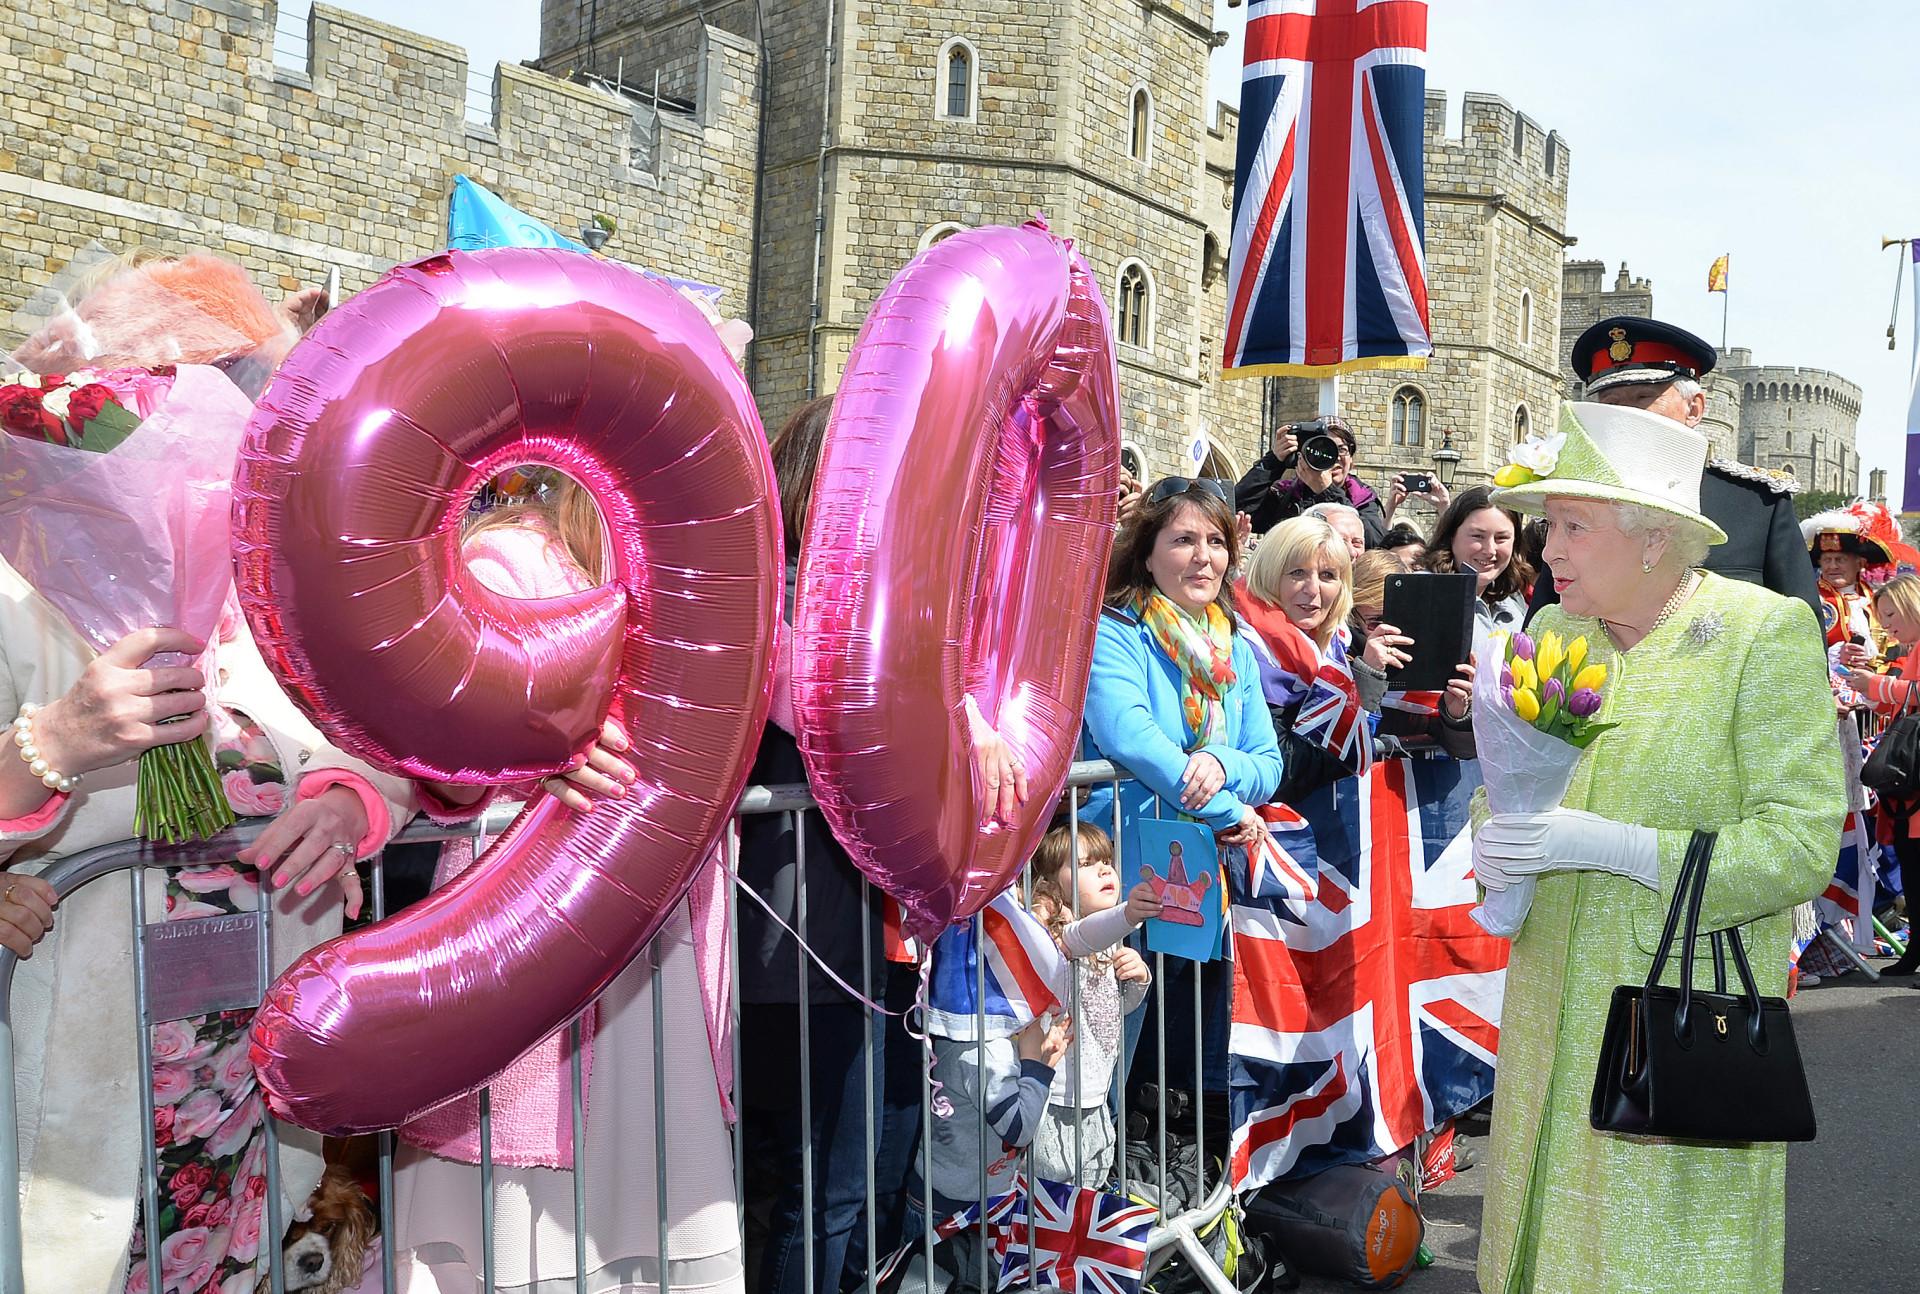 Algumas das regras peculiares que a família real britânica deve seguir